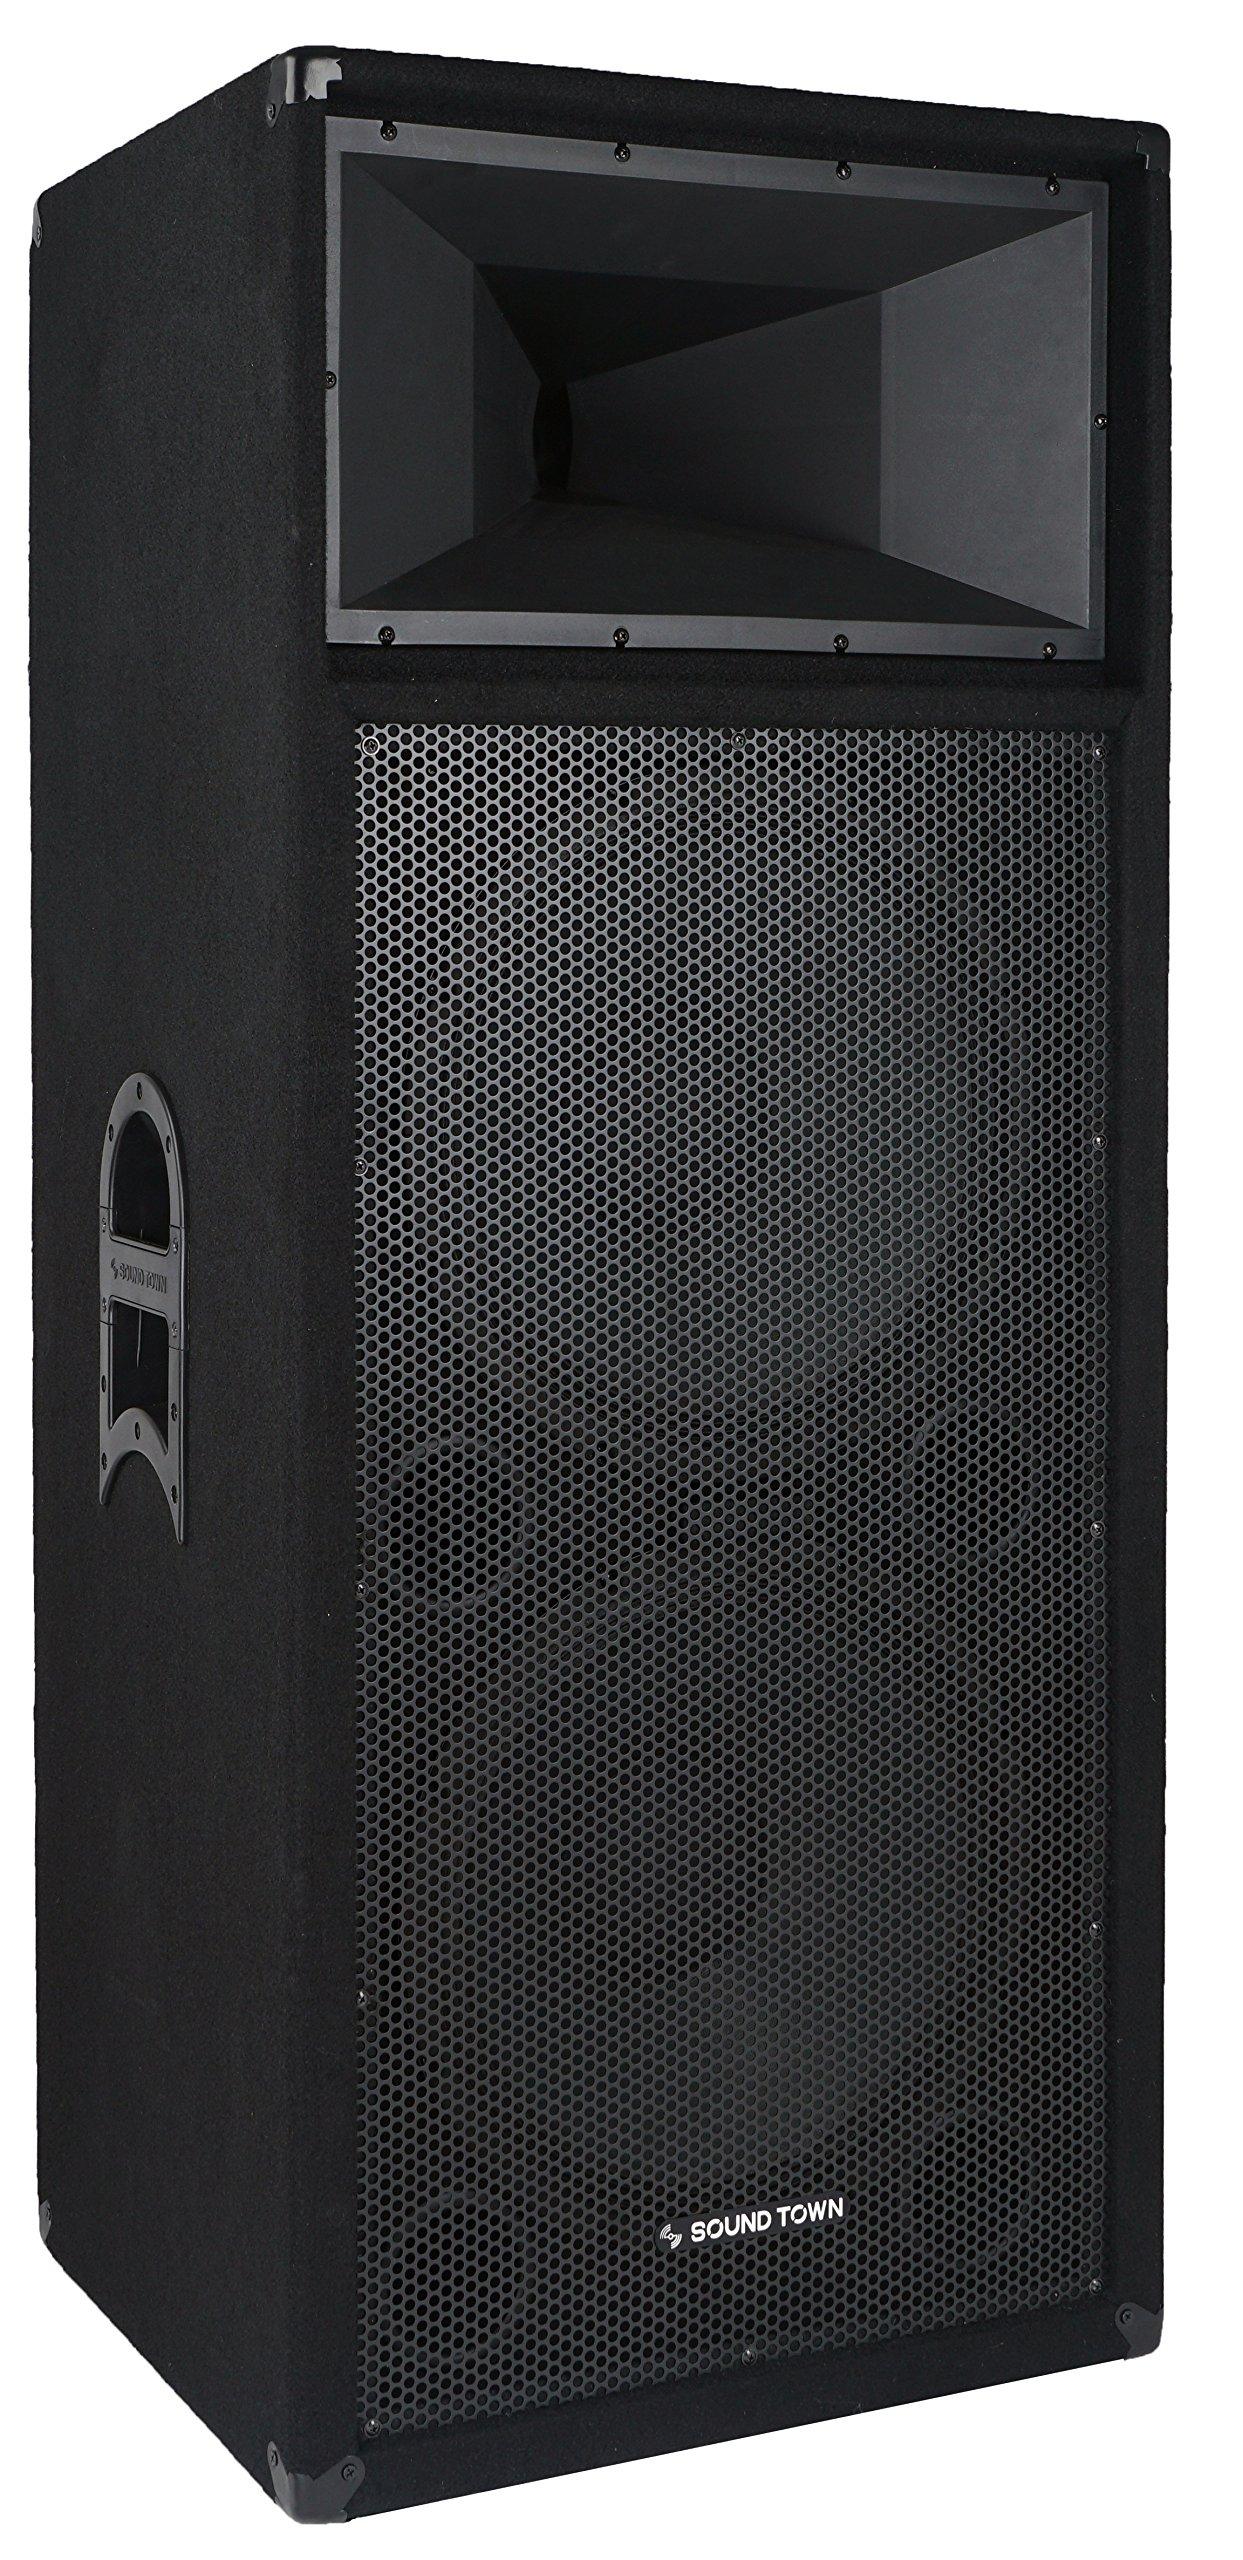 Sound Town ELARA Series Dual 15'' 1600W Full-range DJ/PA Speaker (ELARA-215) by Sound Town